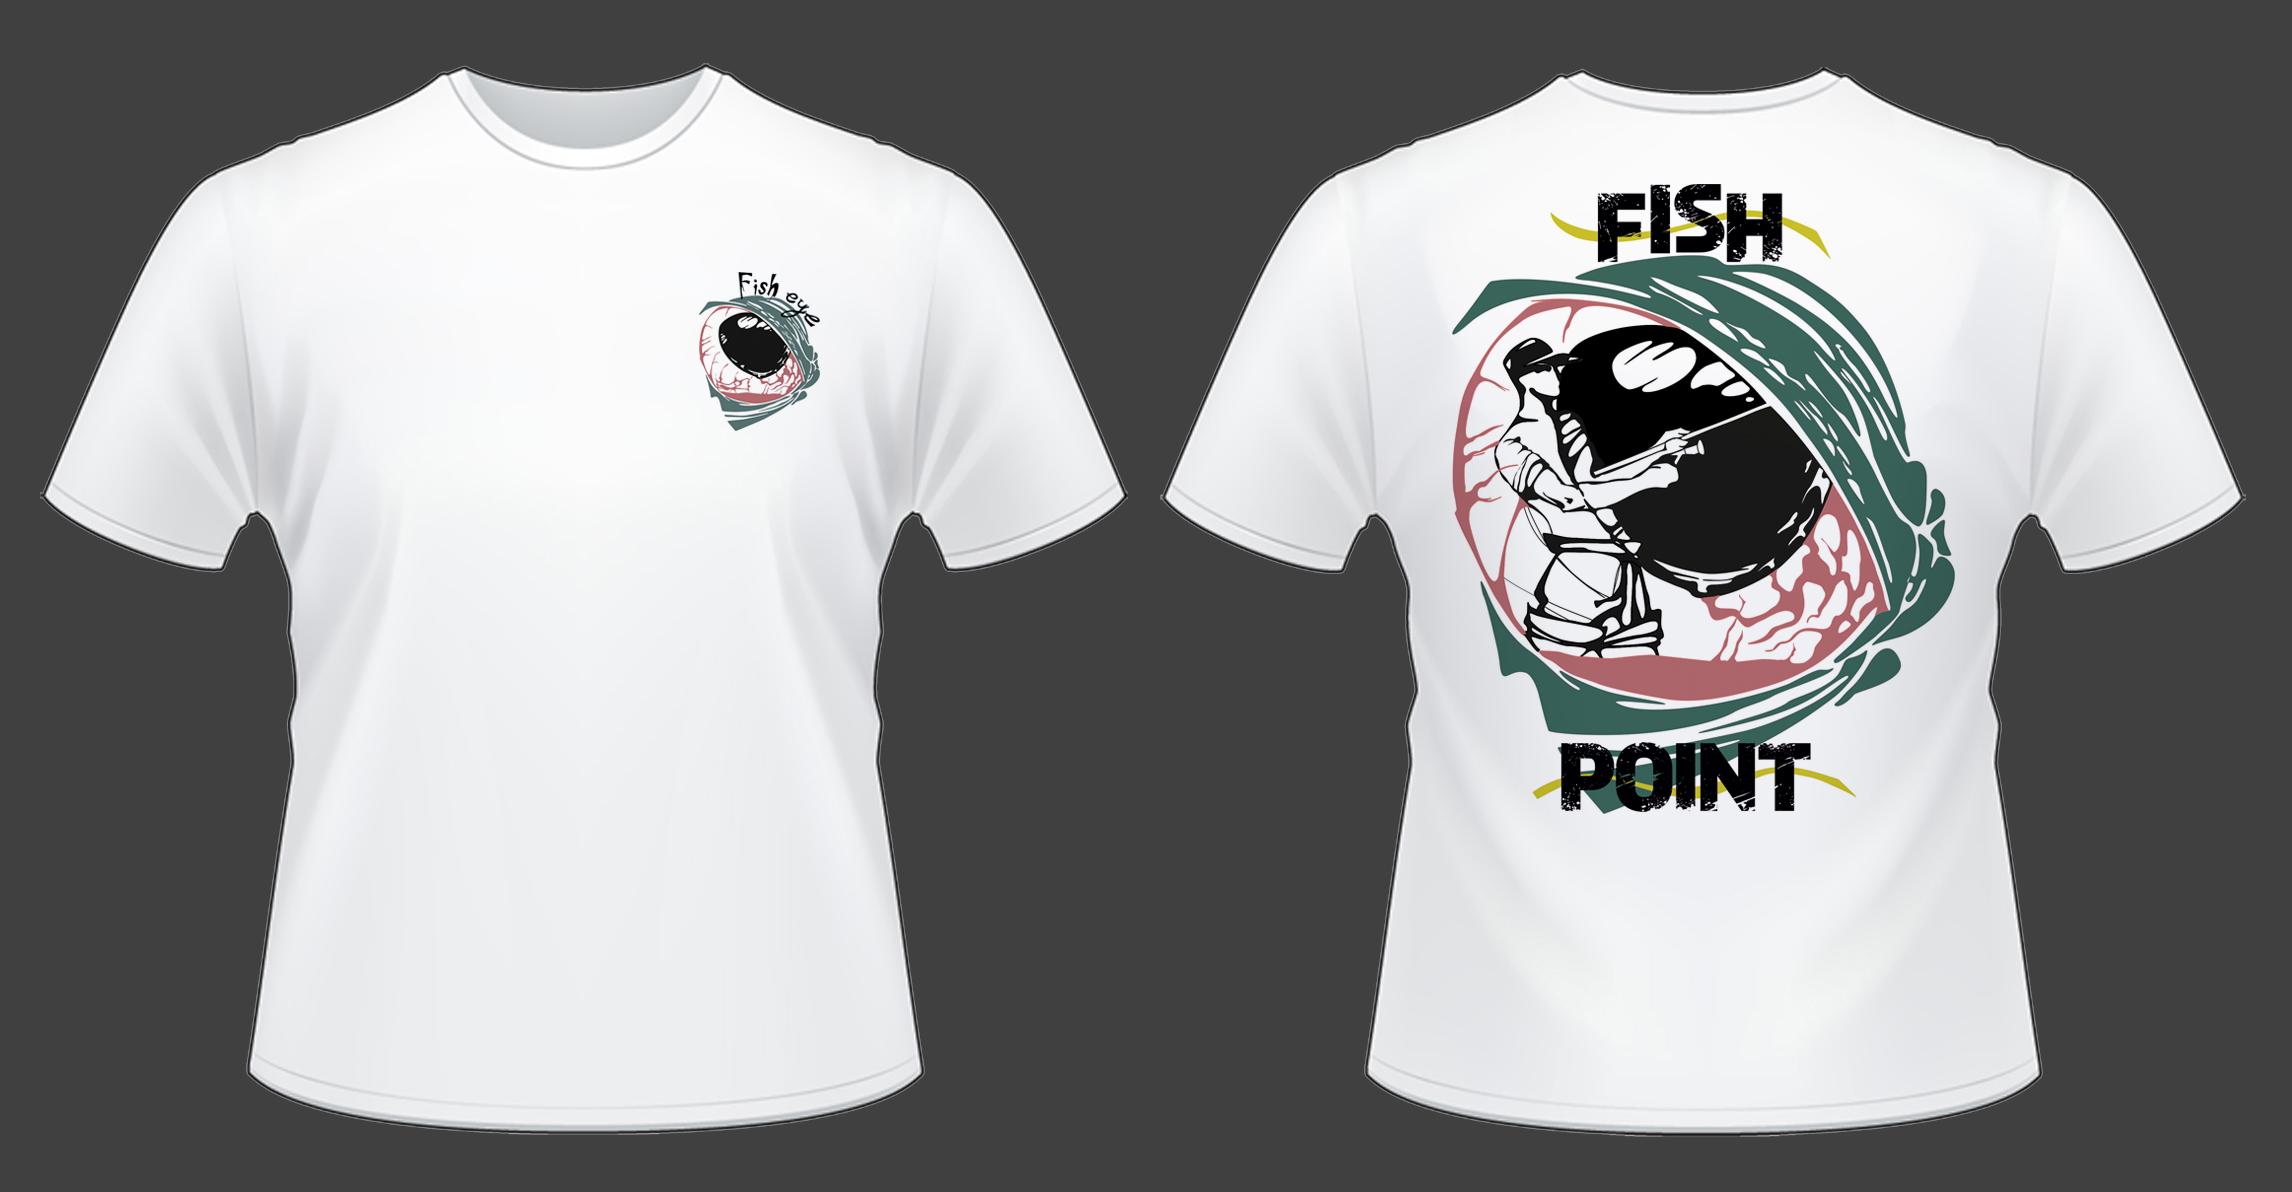 Майки для рыбаков